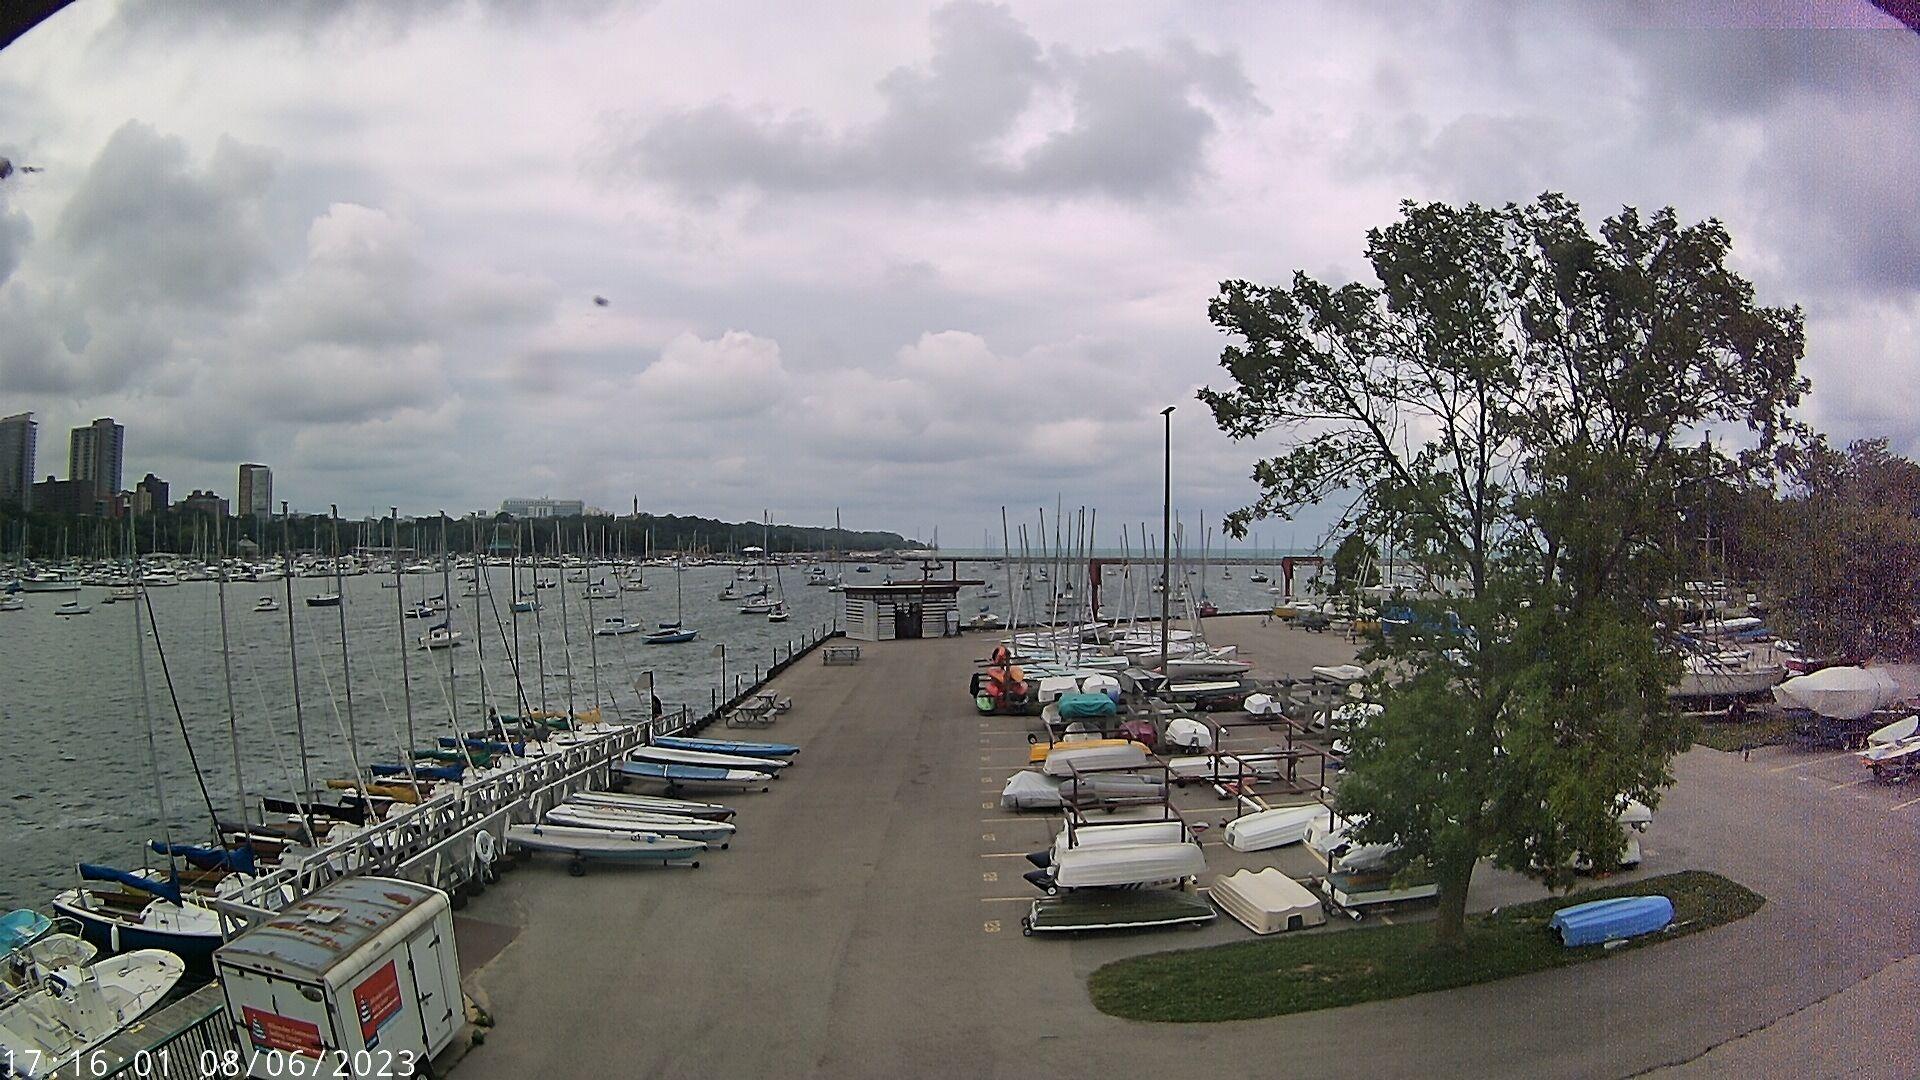 Webcam of the Sailing Center docks